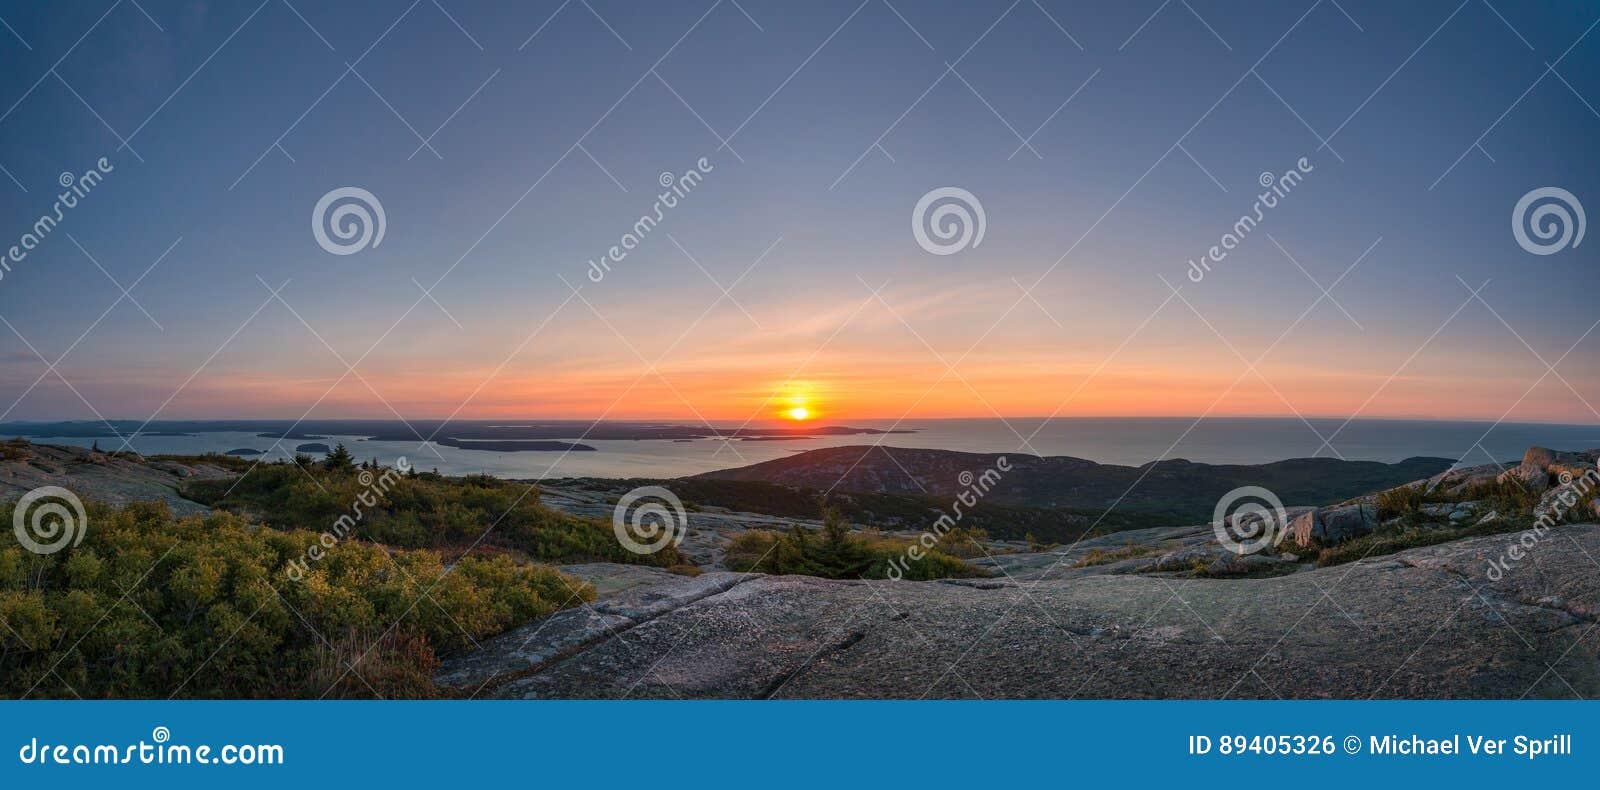 卡迪拉克山日出全景